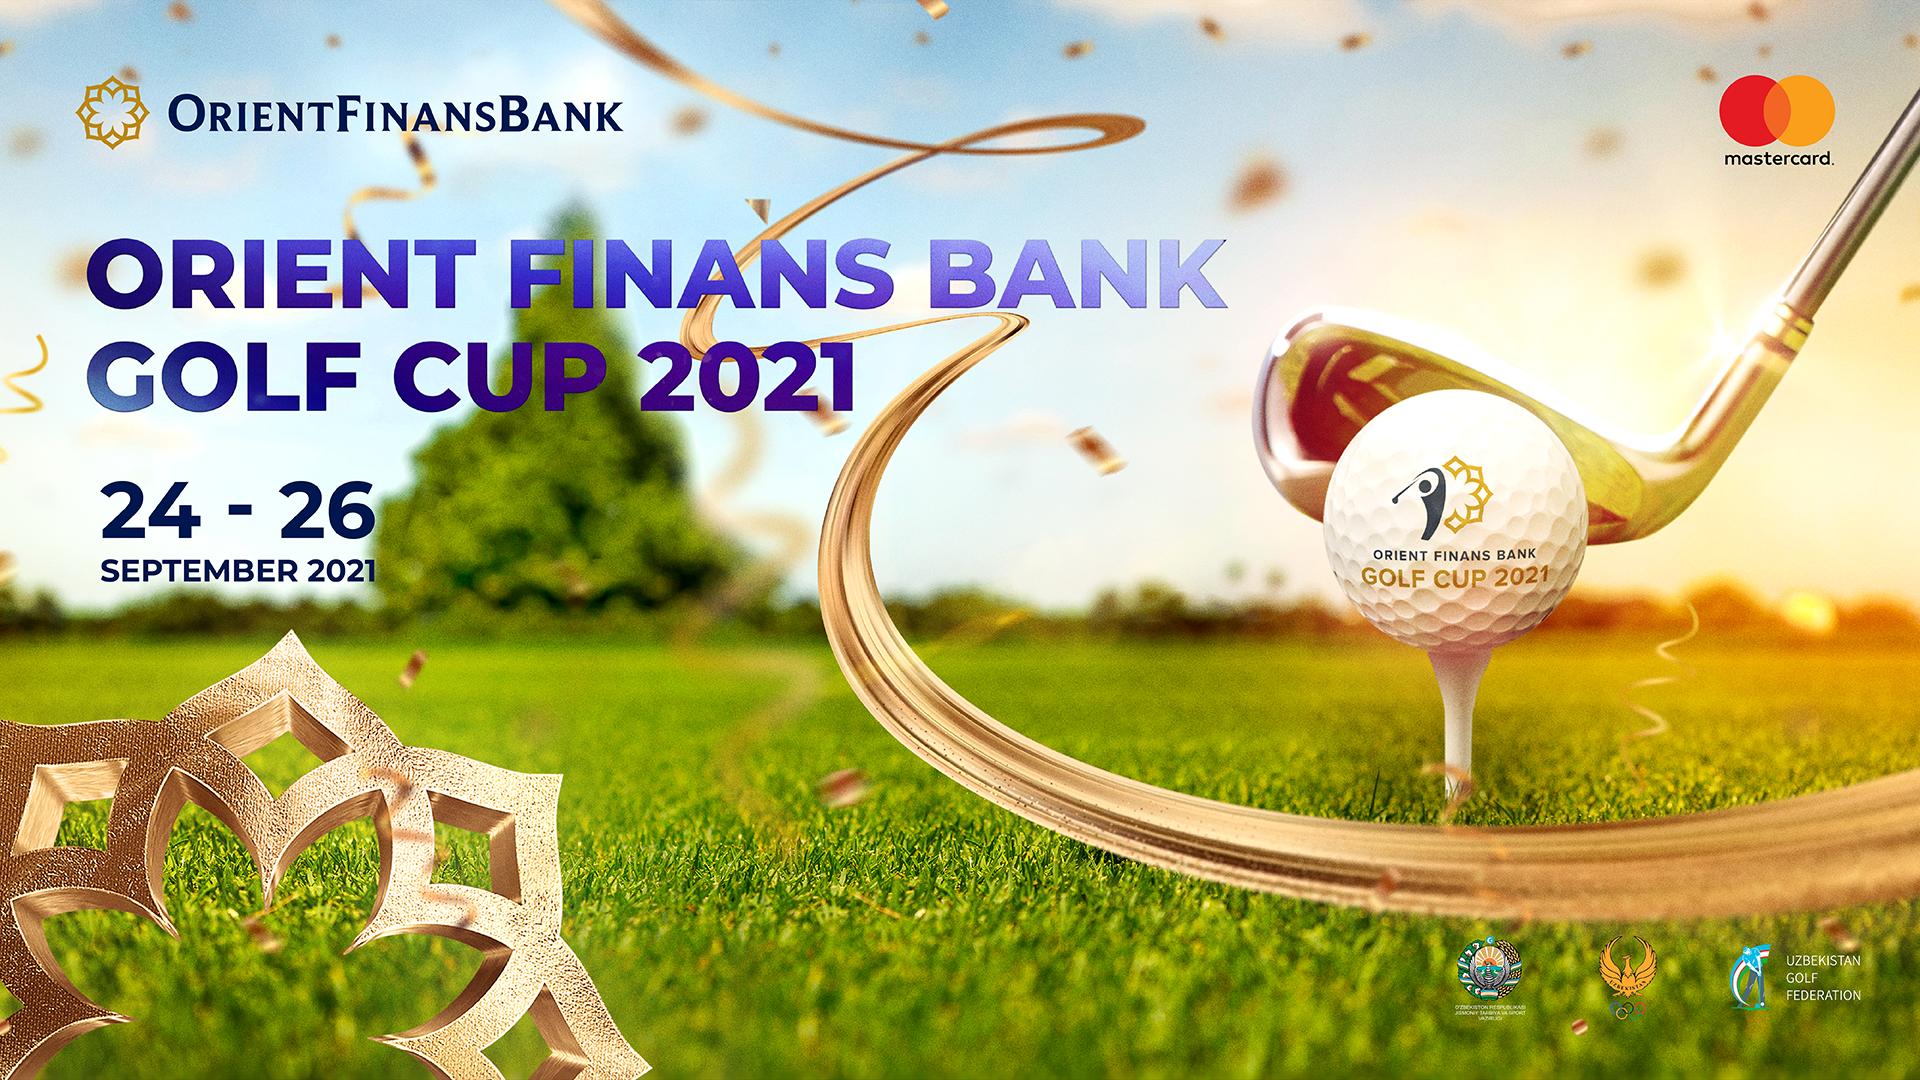 В Ташкенте пройдет турнир Orient Finans Bank Golf Cup 2021